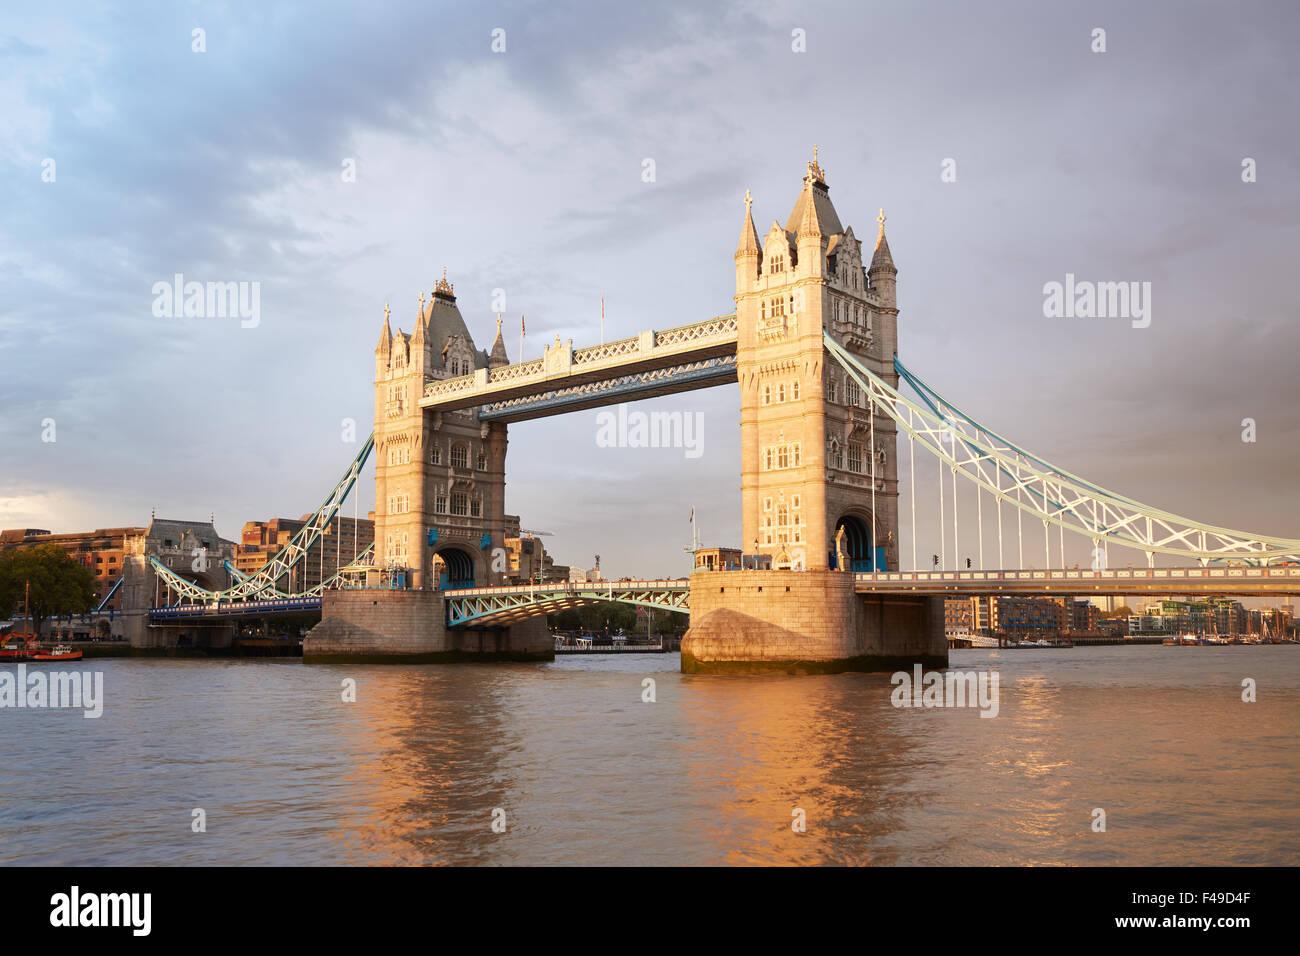 Il Tower Bridge di Londra nel pomeriggio la luce del sole Immagini Stock